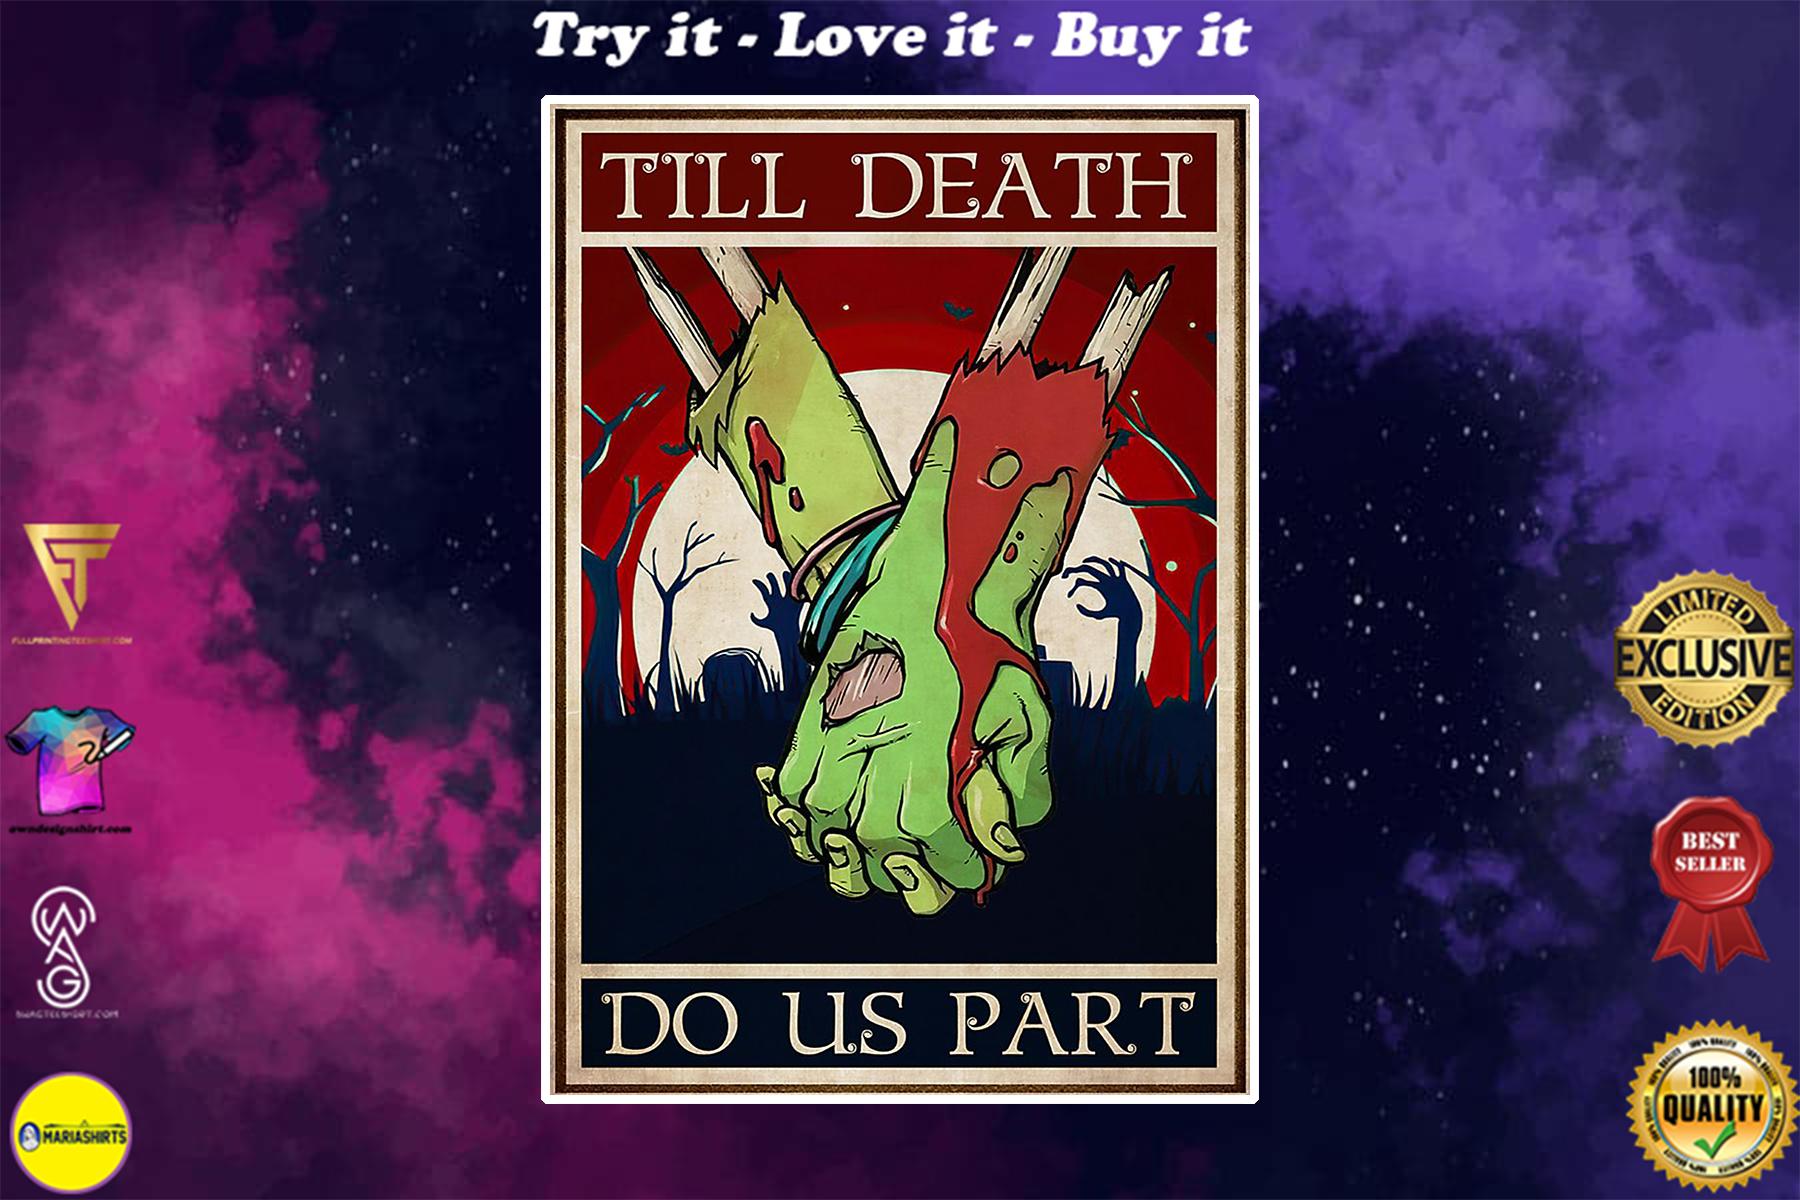 vintage zombie couple till death do us part poster